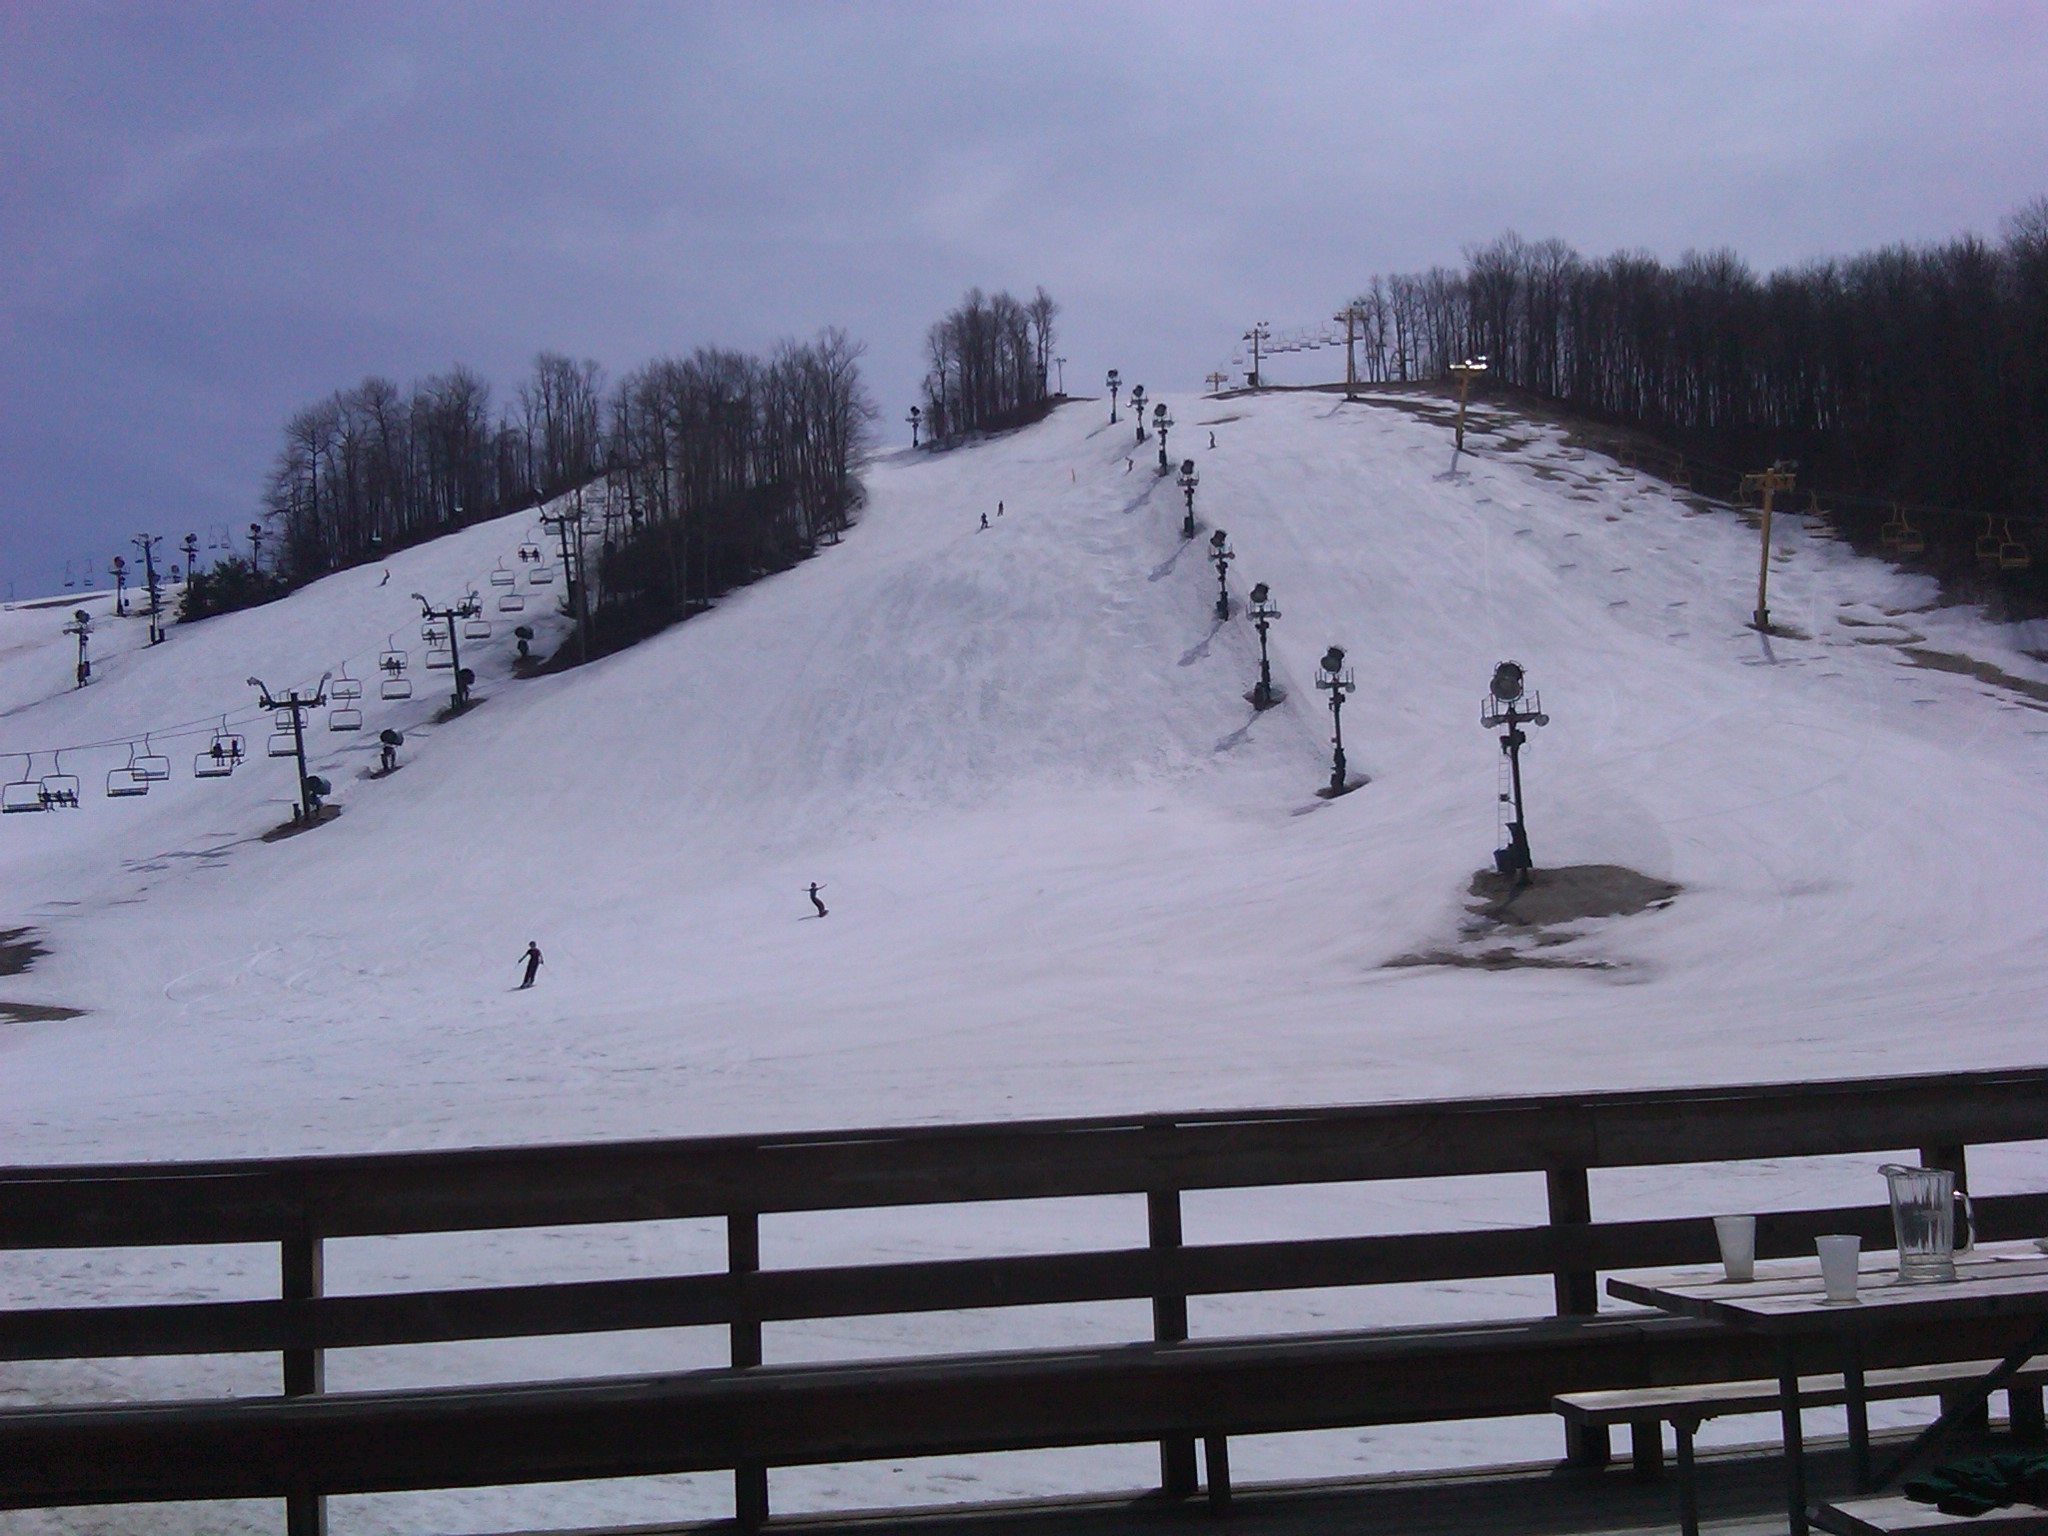 nubs nob ski resort